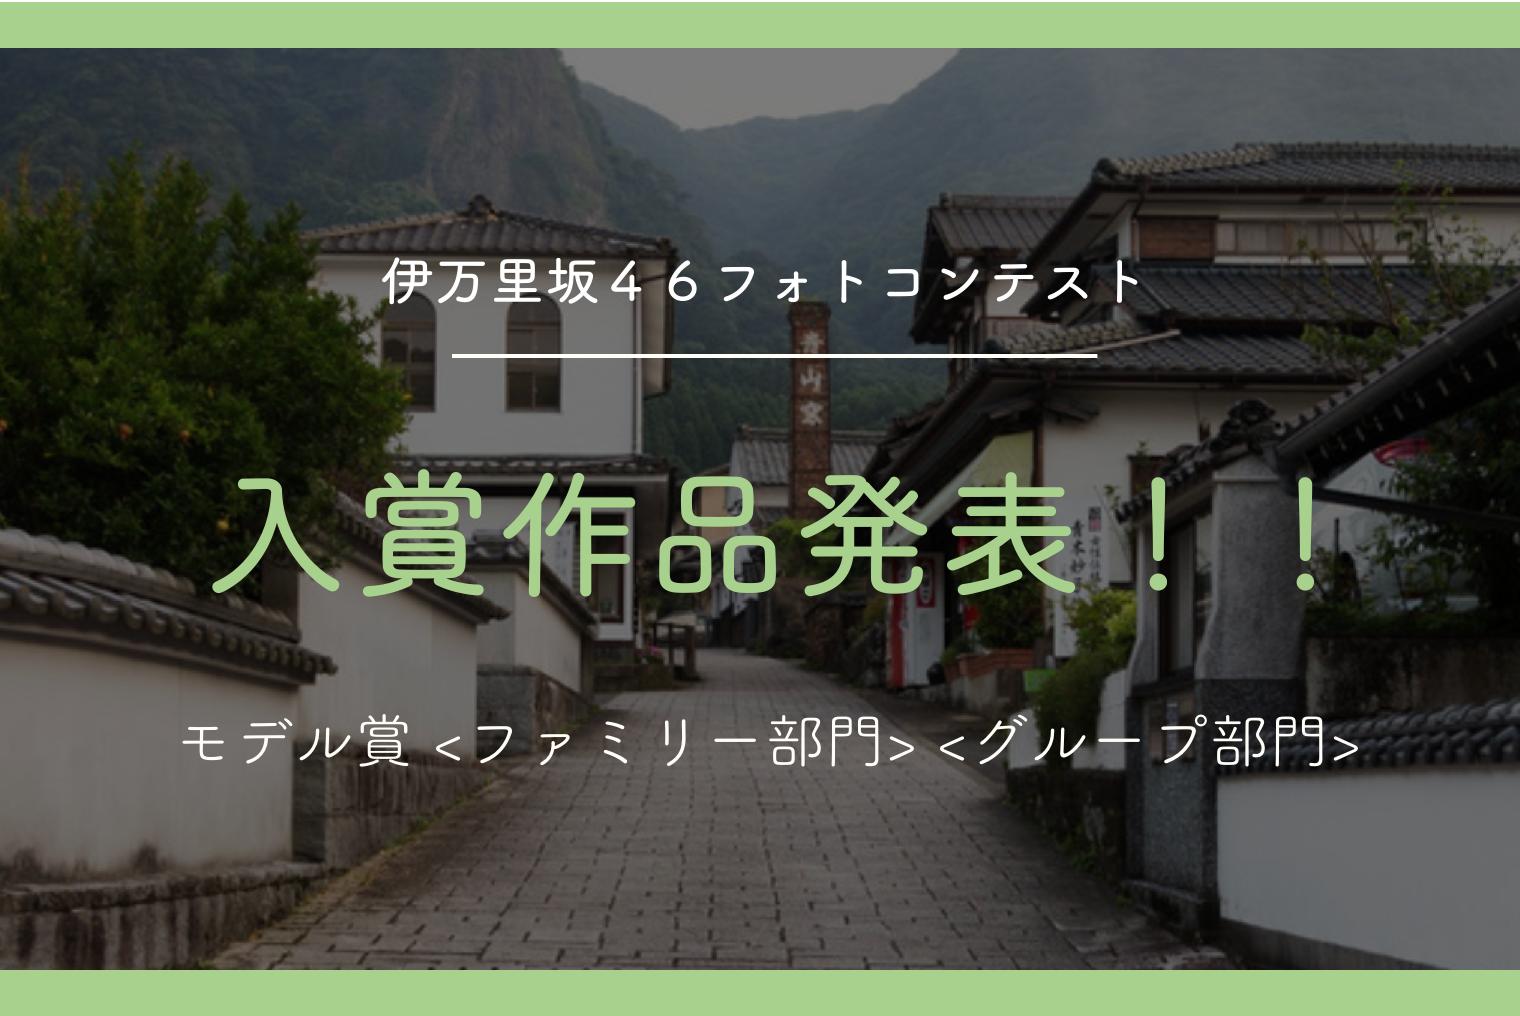 【伊万里坂46フォトコンテスト】モデル賞〈ファミリー部門〉〈グループ部門〉